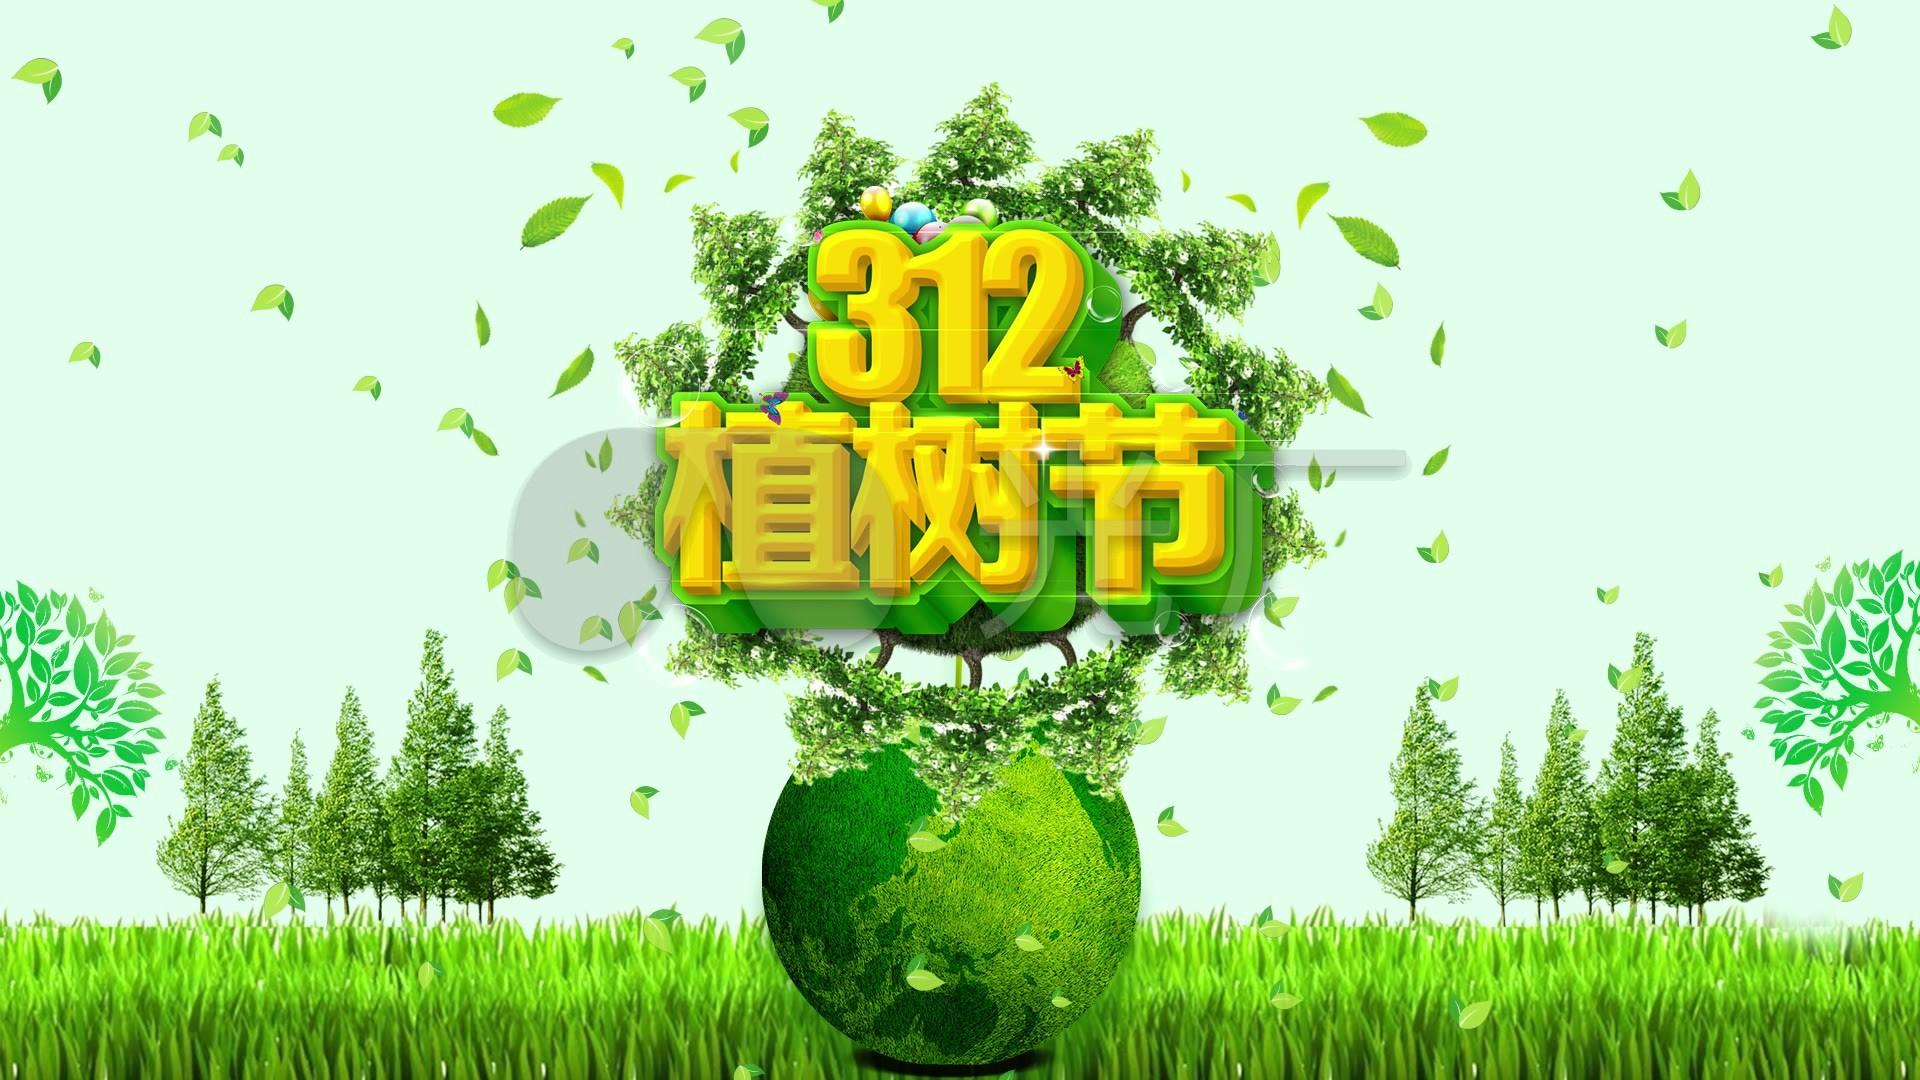 保护环境爱护家园三月十二日植树节